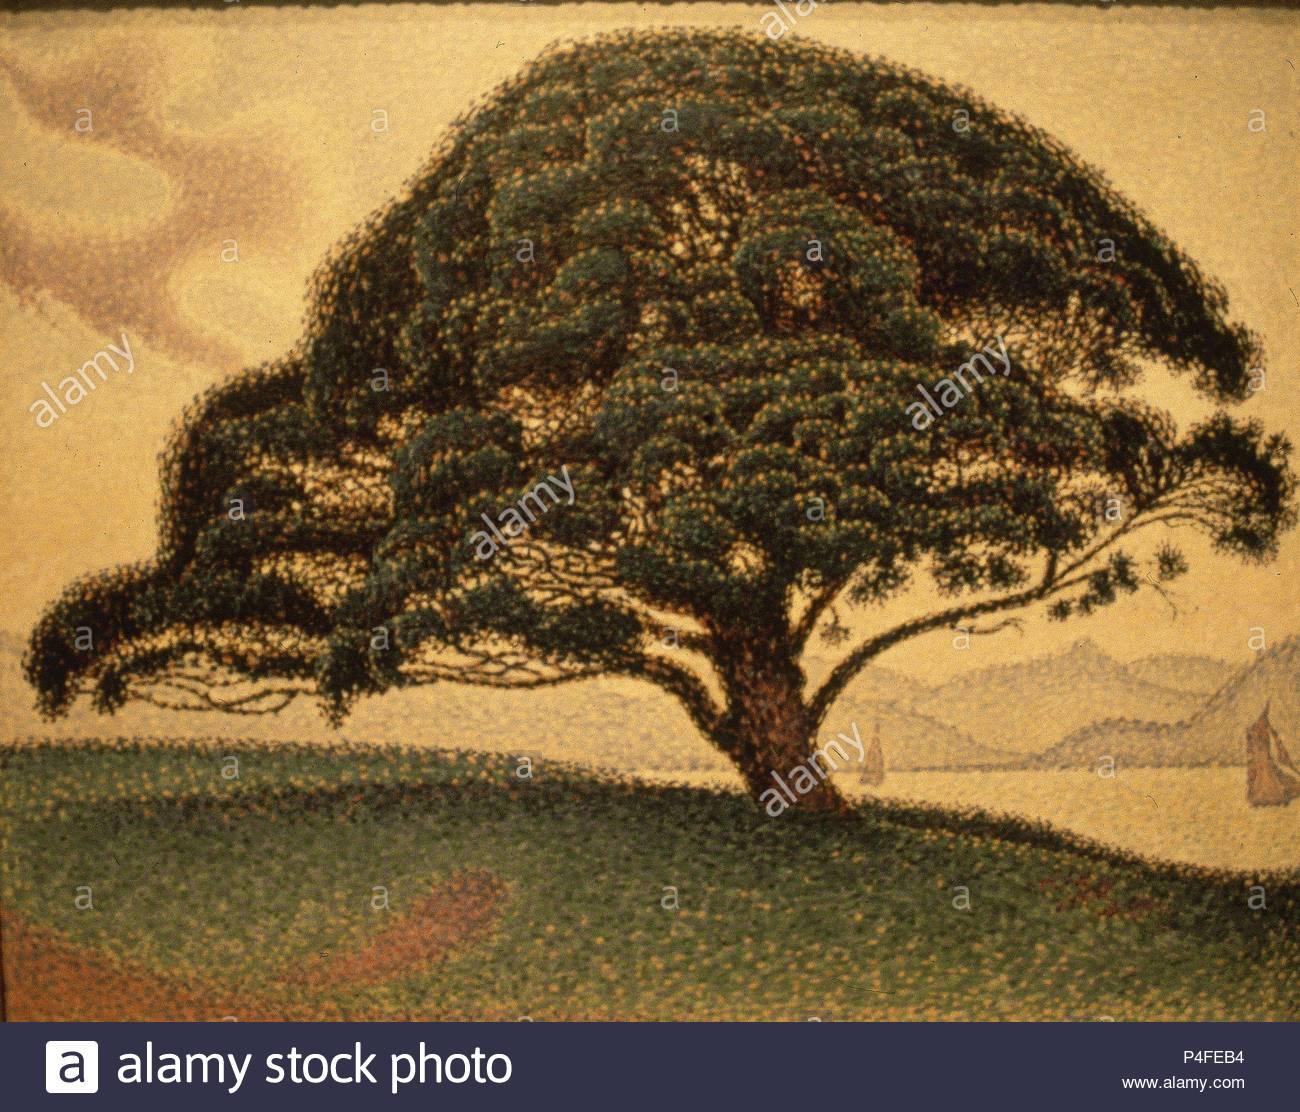 Il Pino Bonaventura - 1893 - 65,7x81 cm - Olio su tela. Autore: Paul Signac (1863-1935). Posizione: Museo delle Belle Arti, a Houston in Texas. Noto anche come: PINO DE LA BUENAVENTURA. Foto Stock